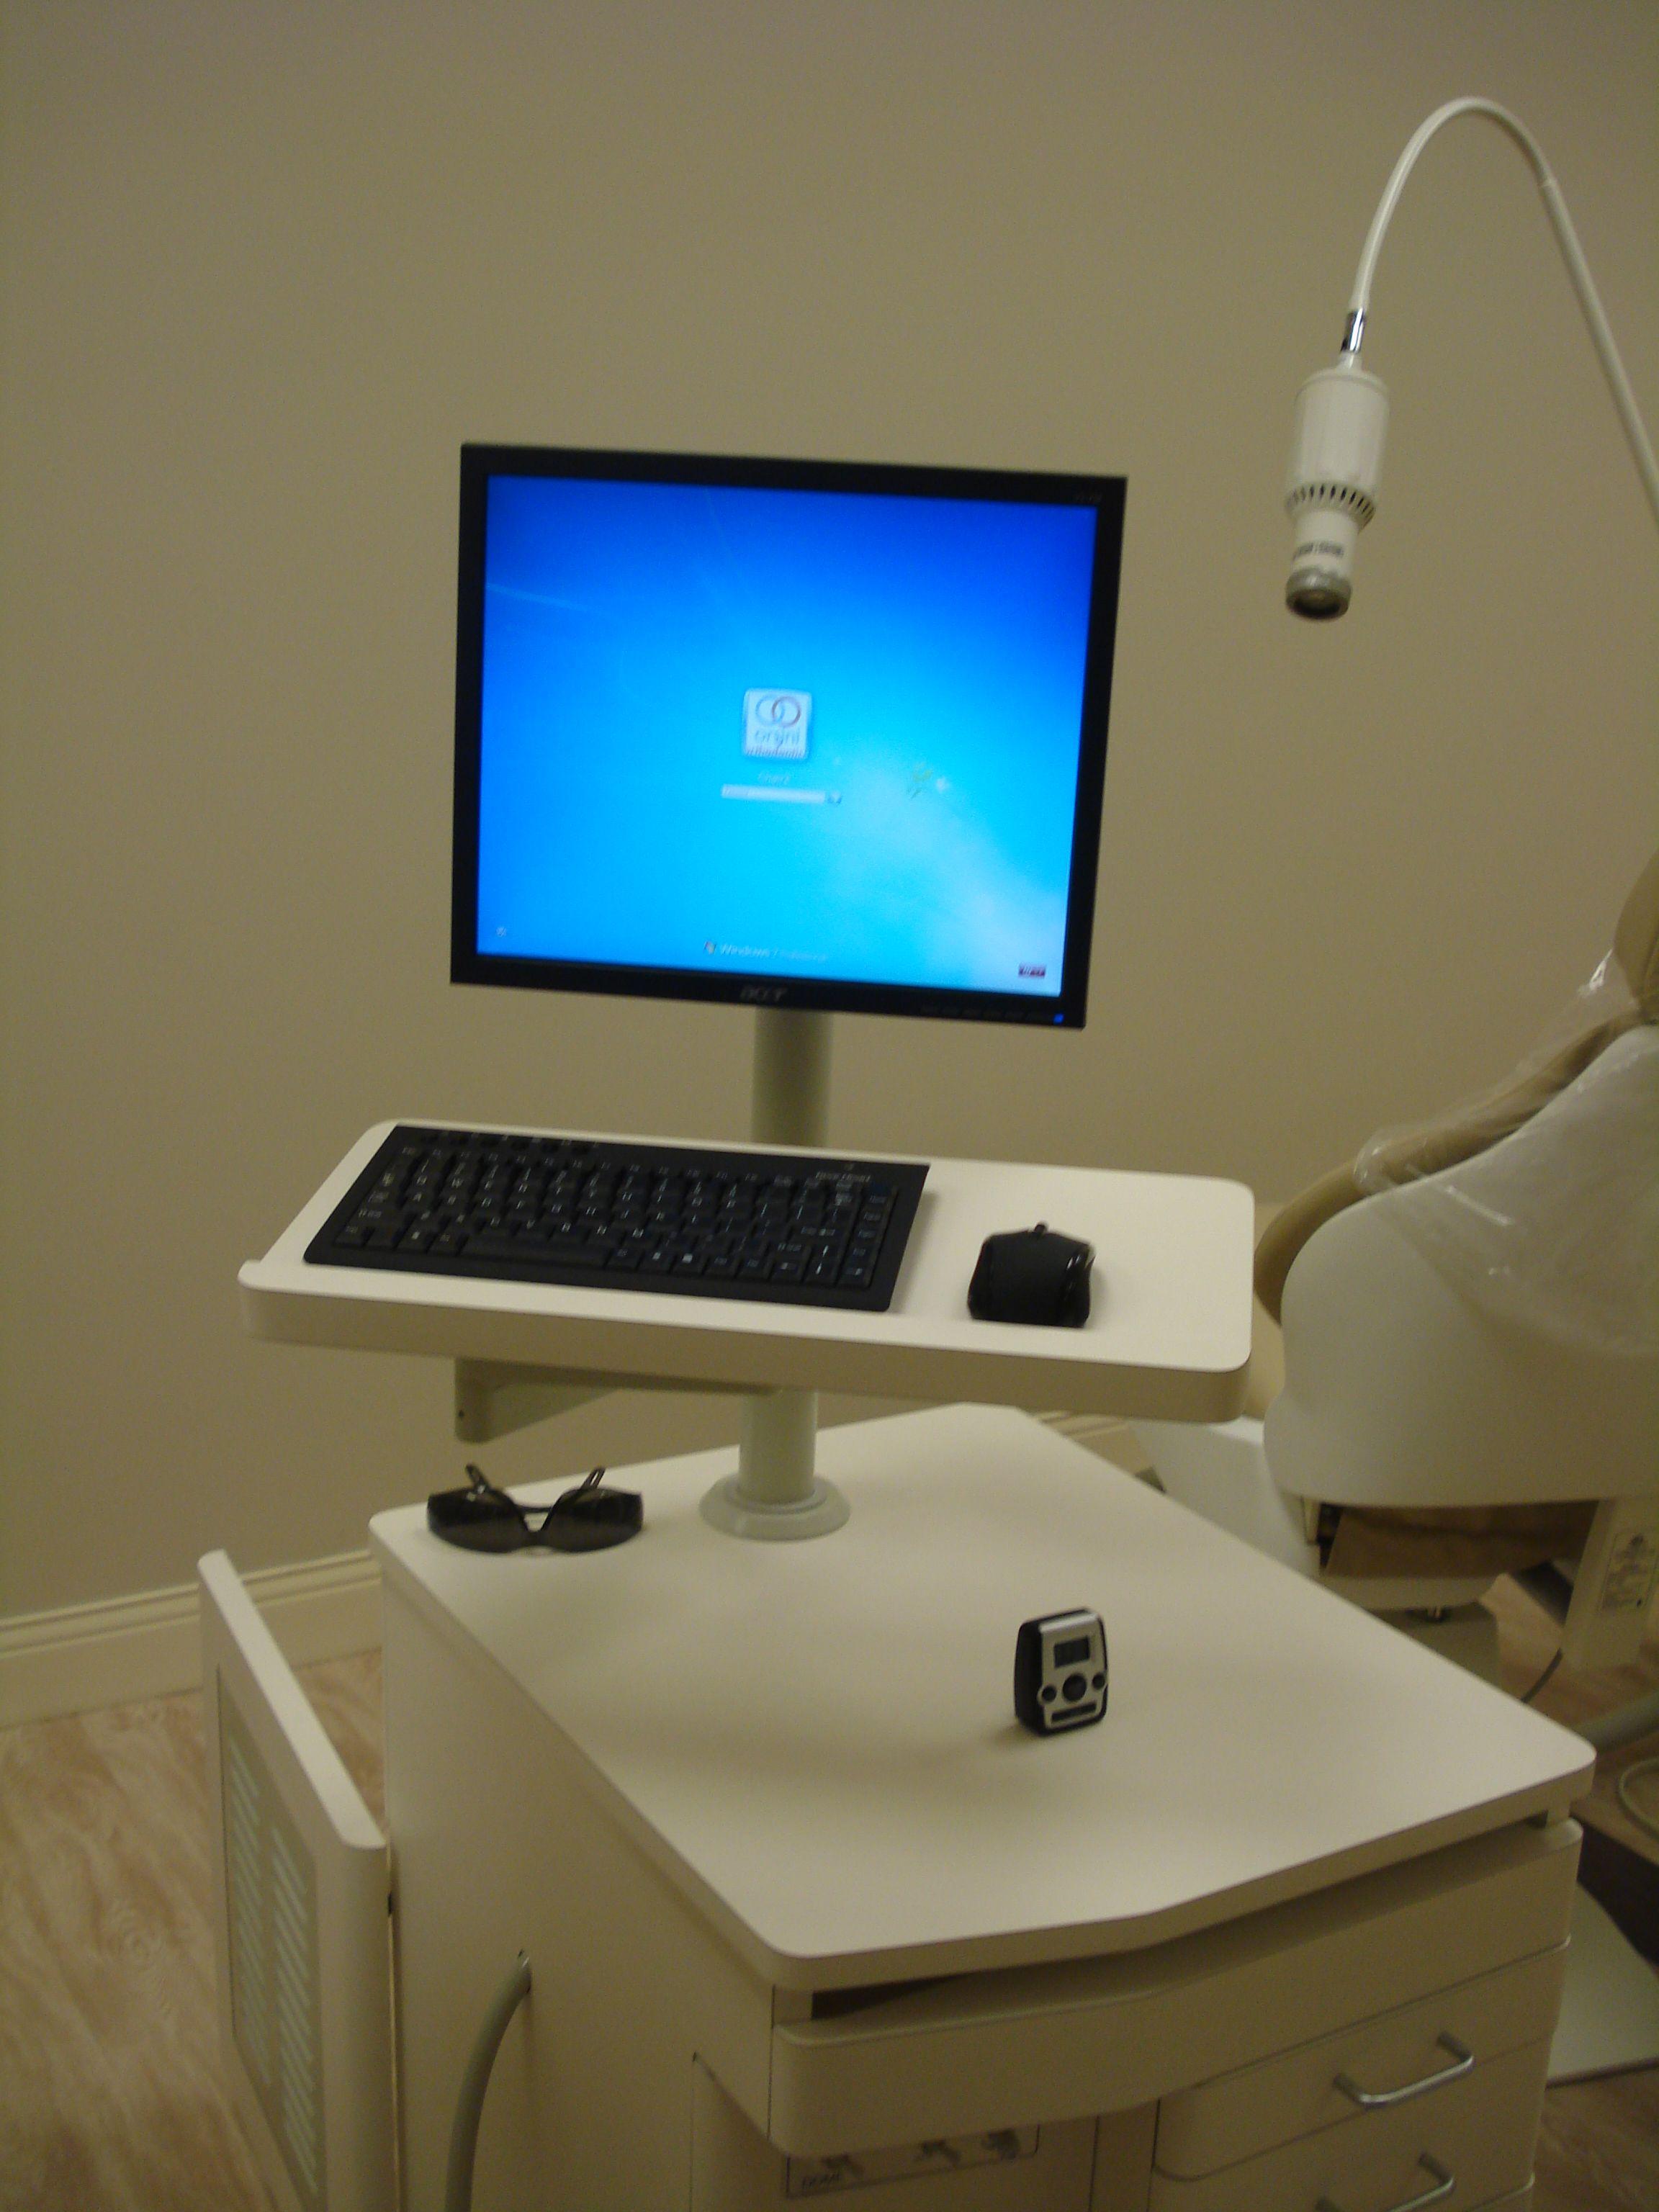 Chair 2 Computer Repair Services Computer Repair Pediatric Dental Office